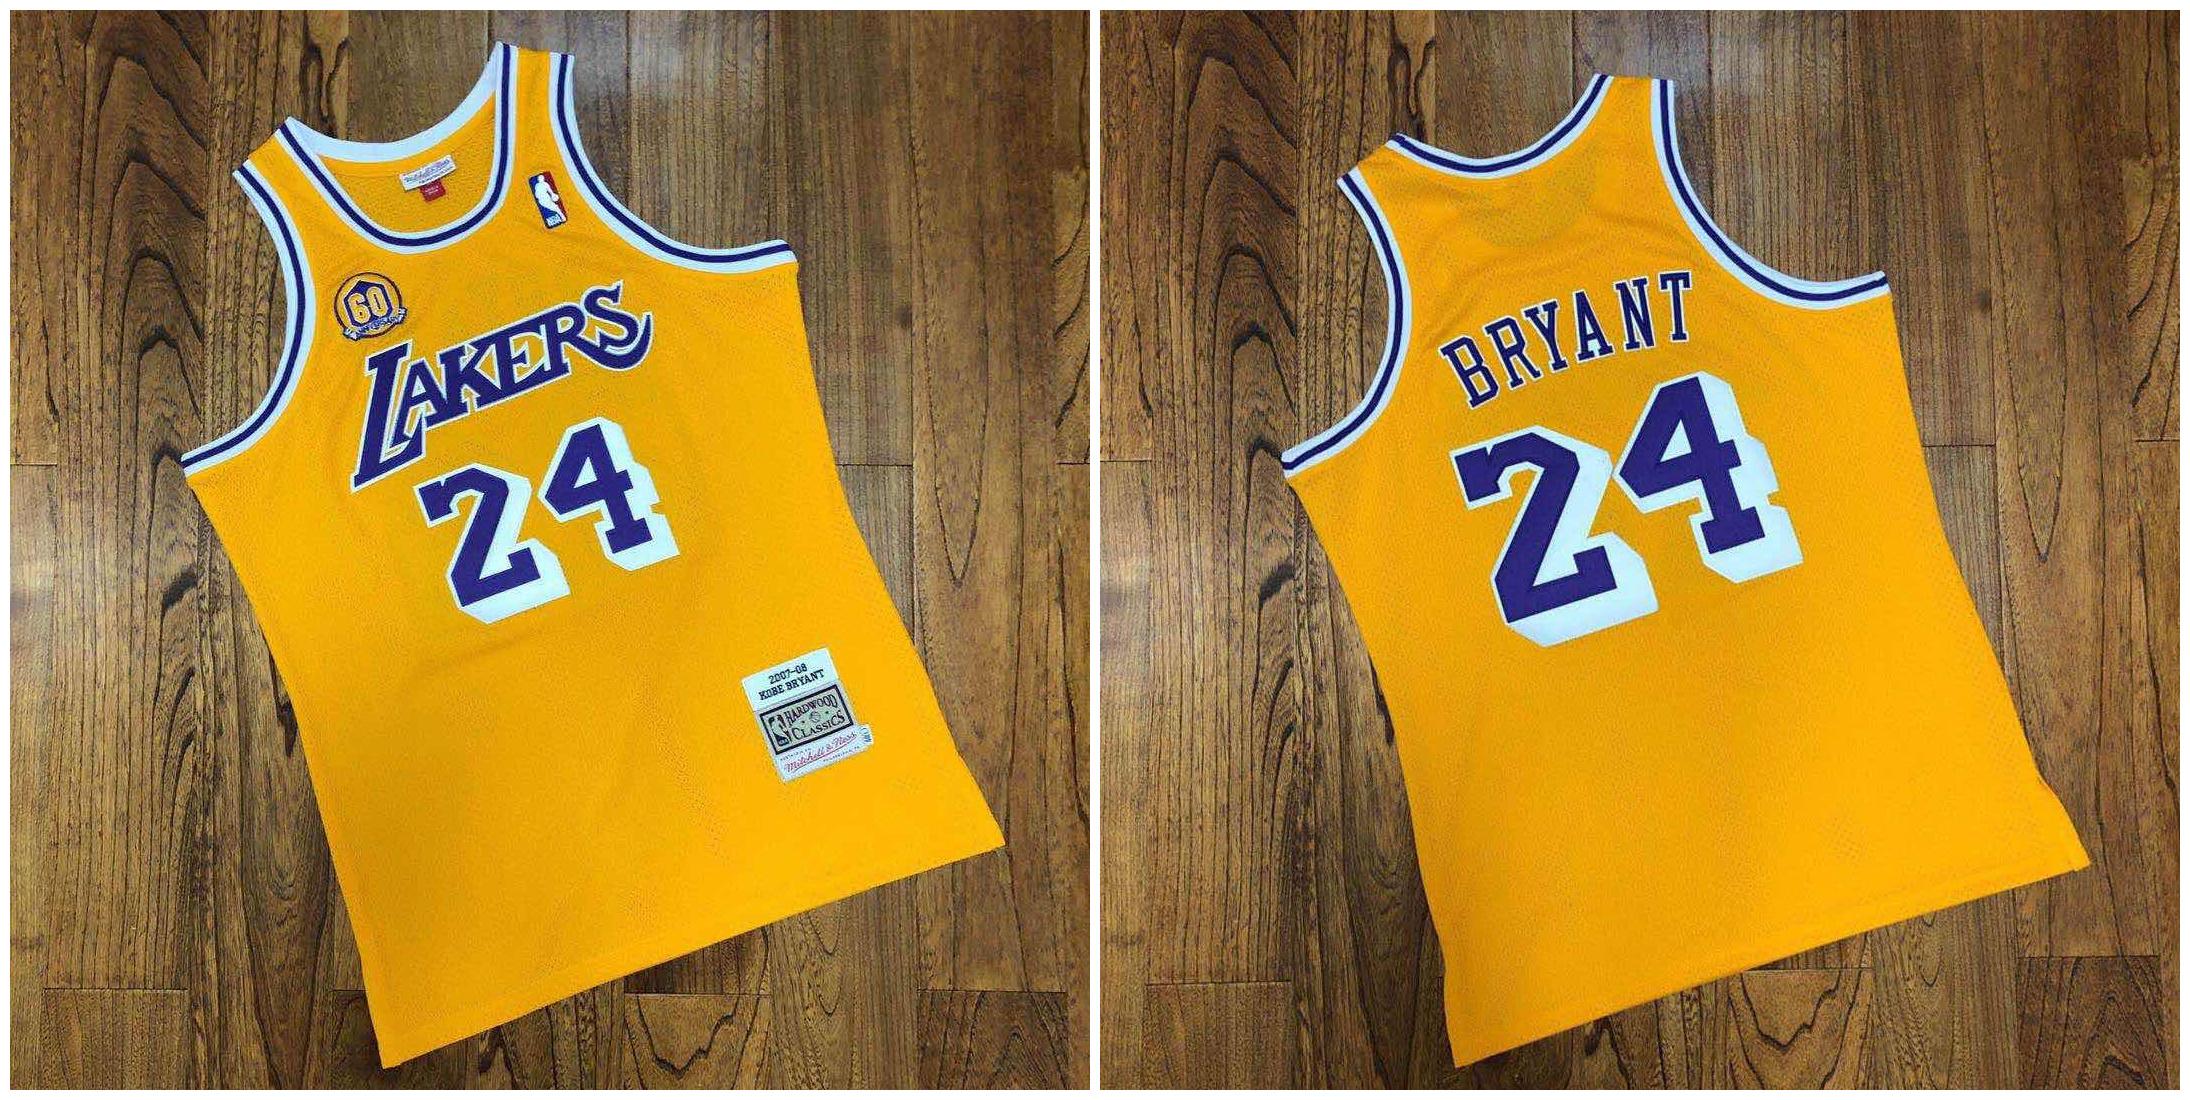 Lakers 24 Kobe Bryant Yellow 60th Anniversary 2007-08 Hardwood Classics Jersey